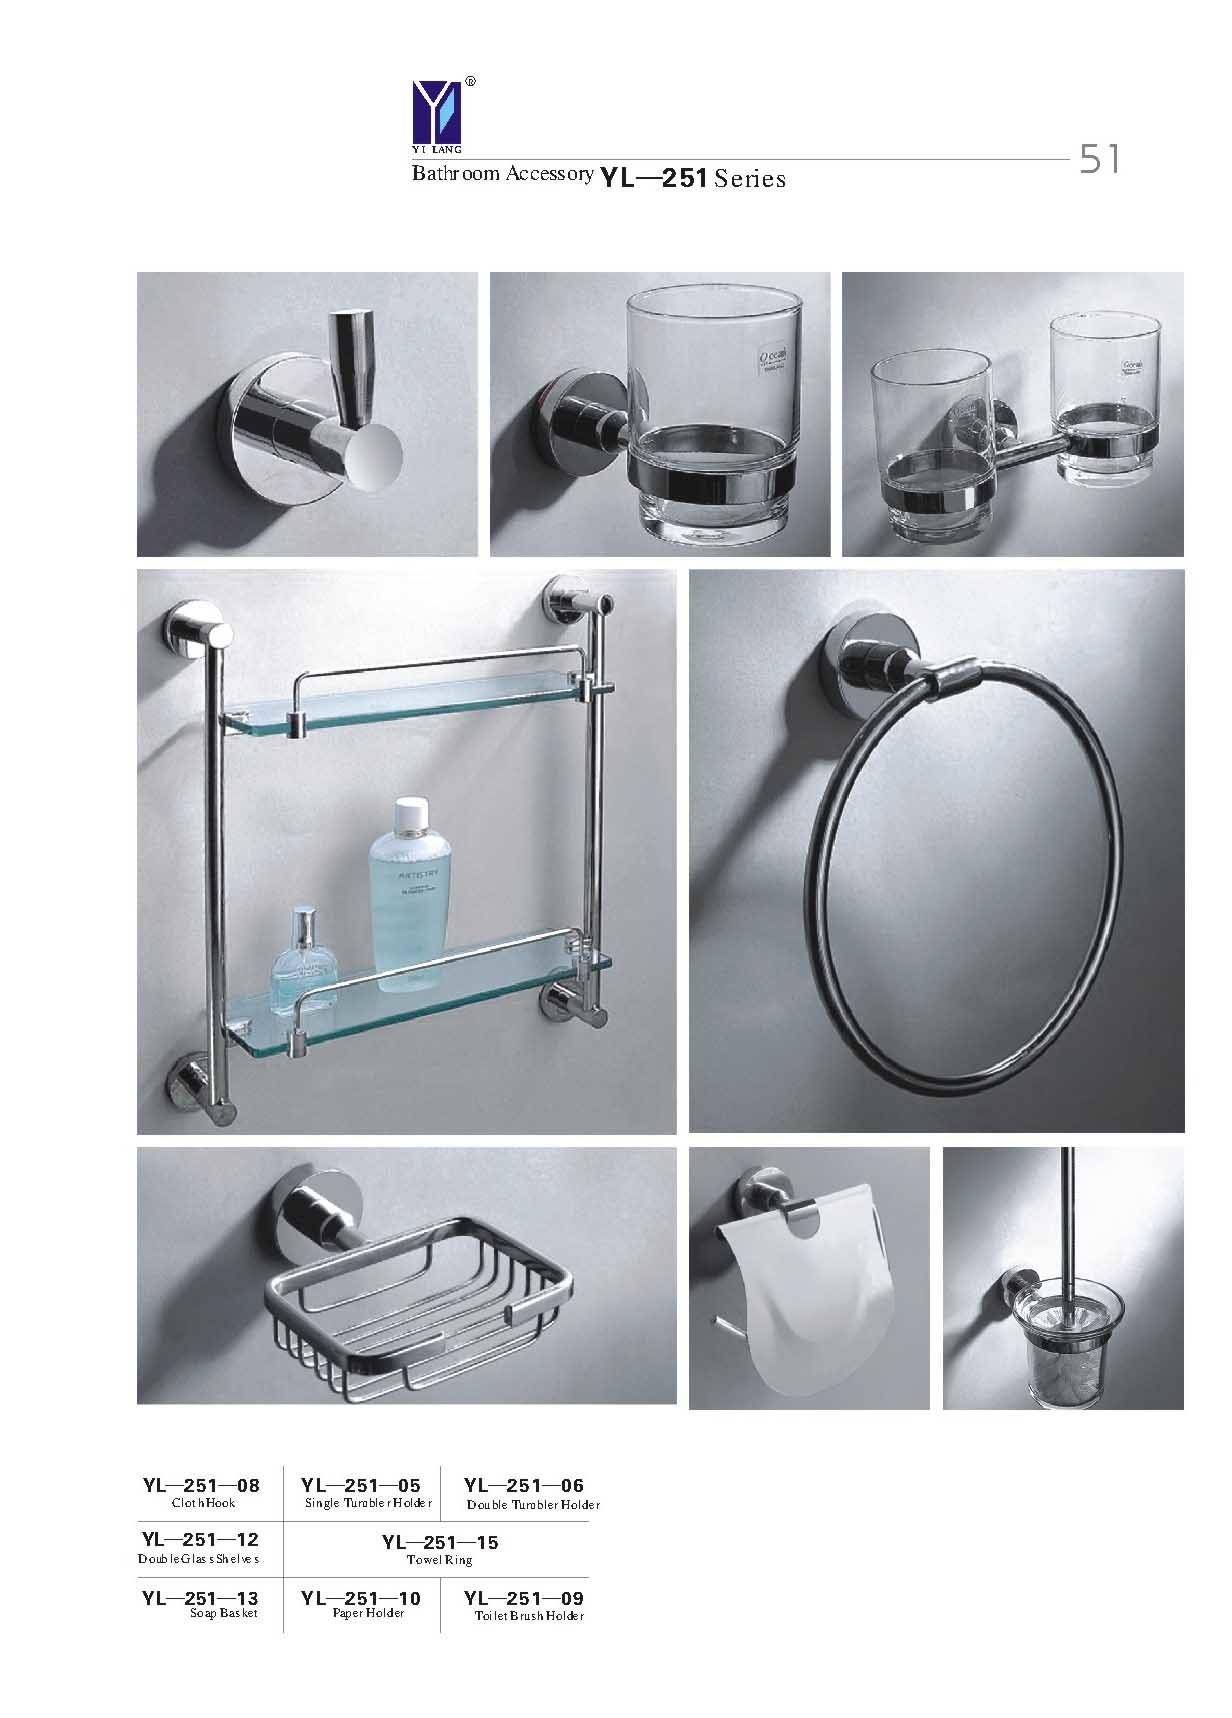 Accesorios del cuarto de ba o series yl 251 accesorios - Accesorios para cuarto de bano ...